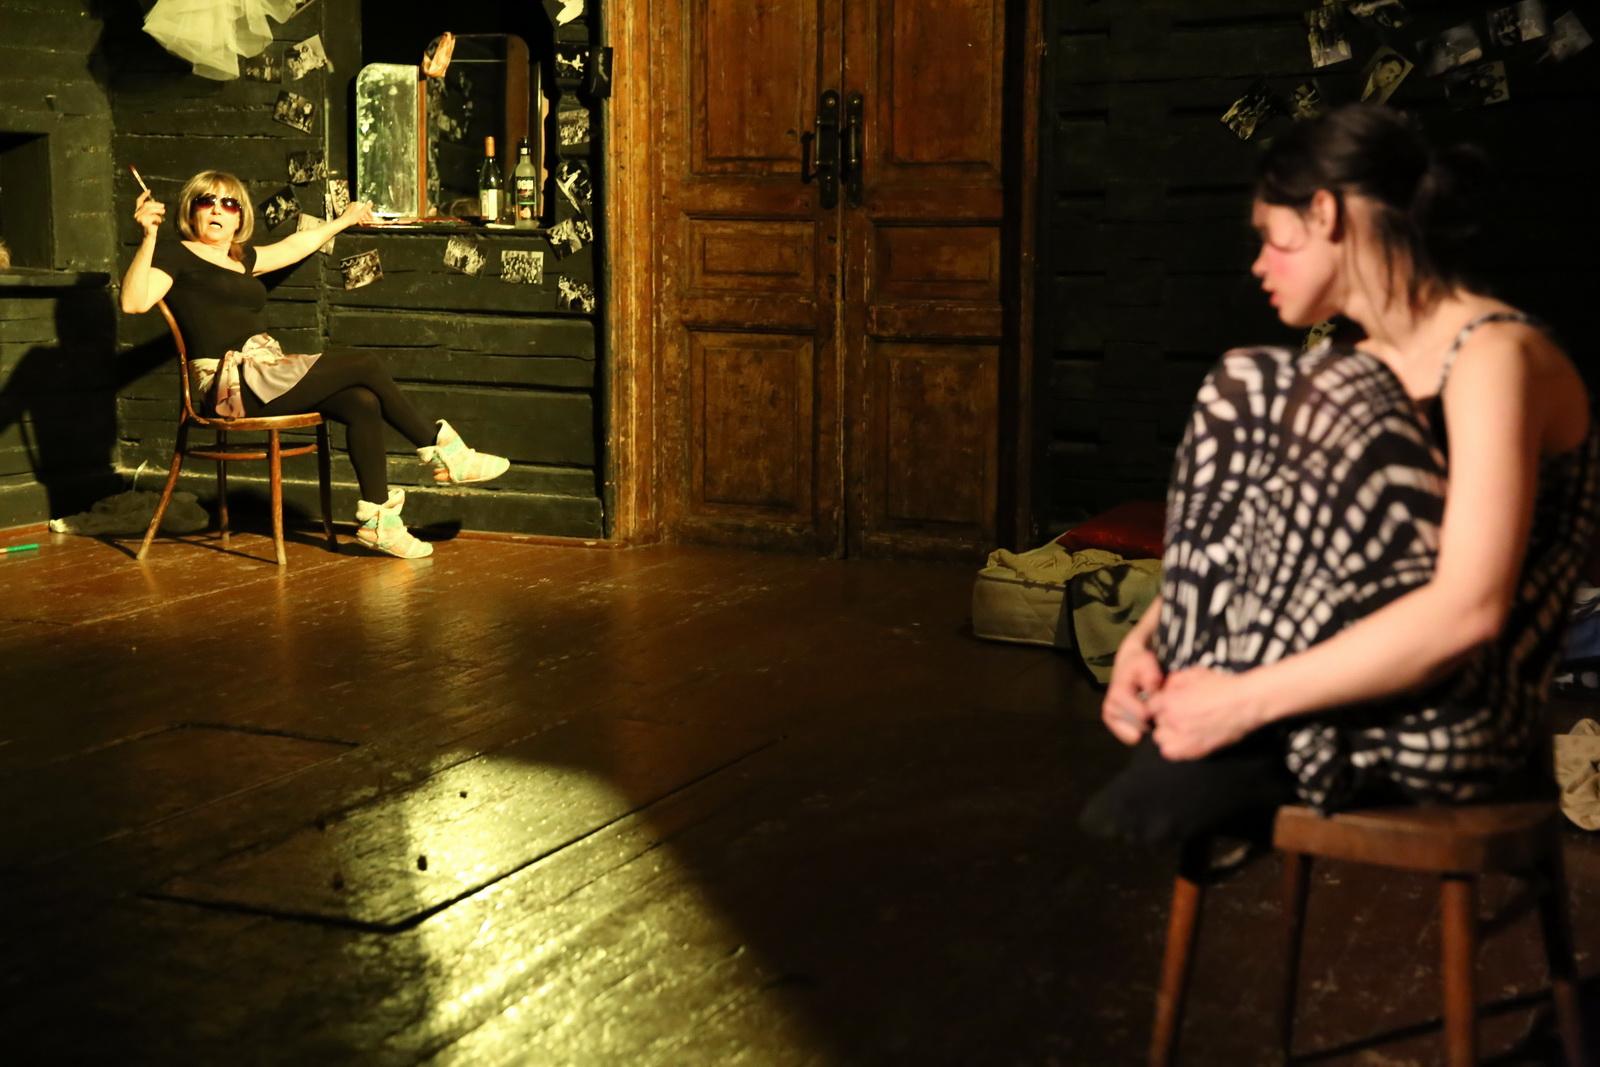 Жизнь в пудре и балетной пачке. Актеры ТЮЗа и «Коляда-театра» готовят премьеру в ЦСД